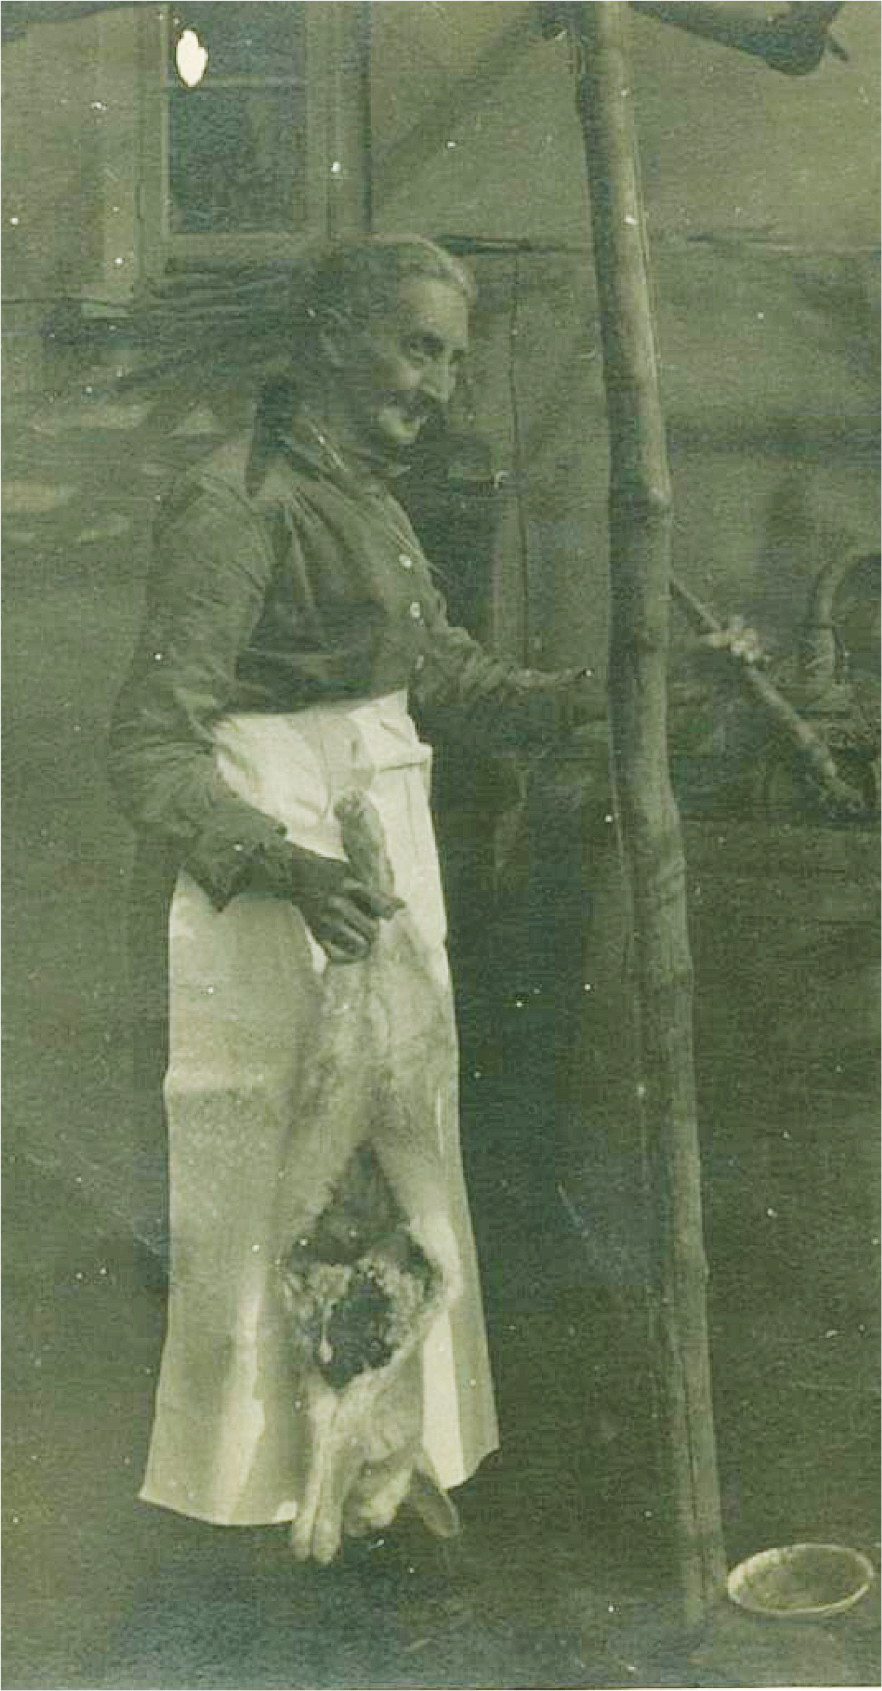 3744-sarah-davis-nee-stiles-1856-1930